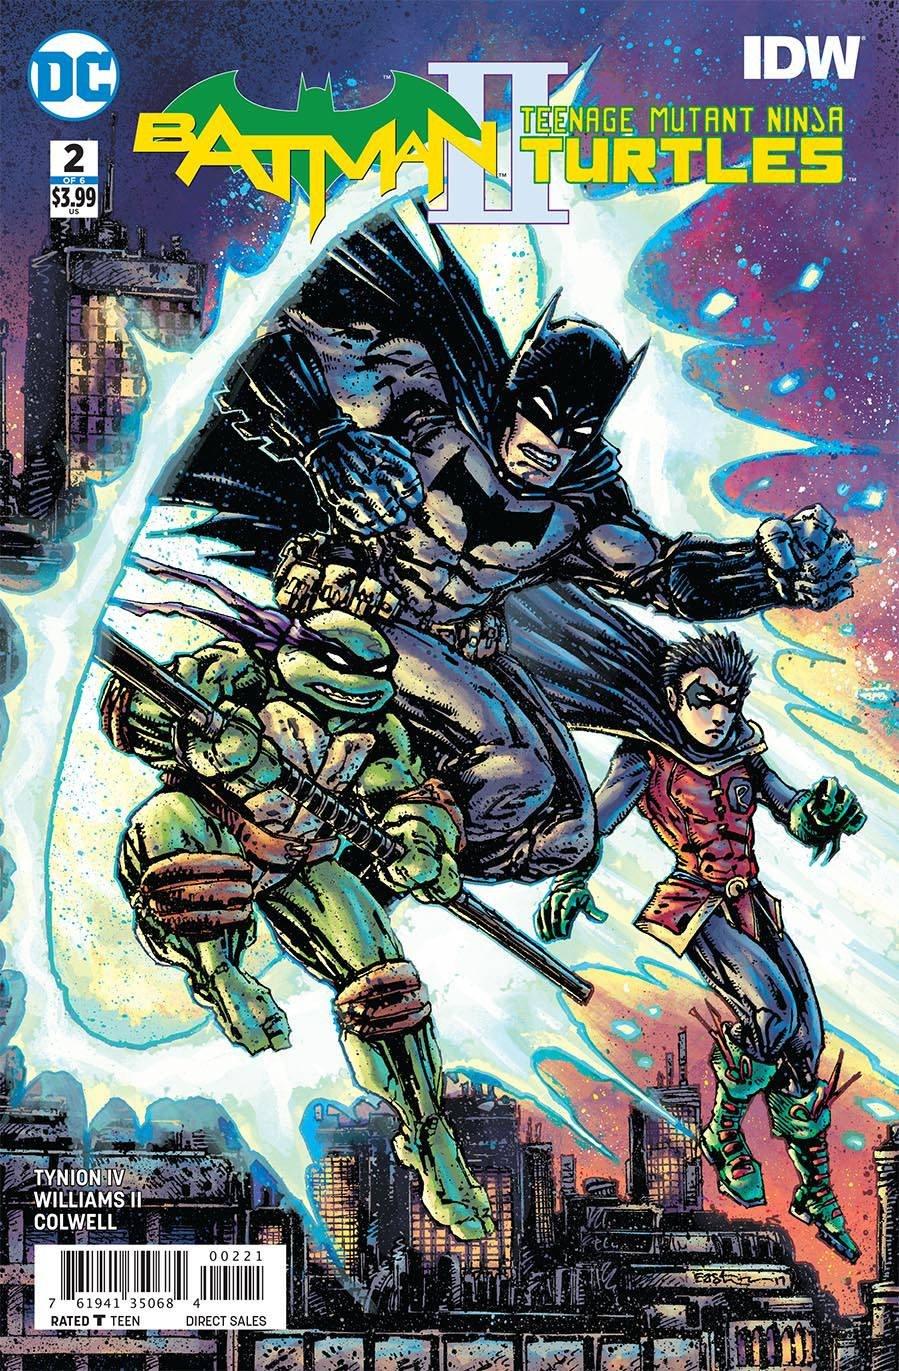 BATMAN TEENAGE MUTANT NINJA TURTLES II #2 VARIANT EDITION ...